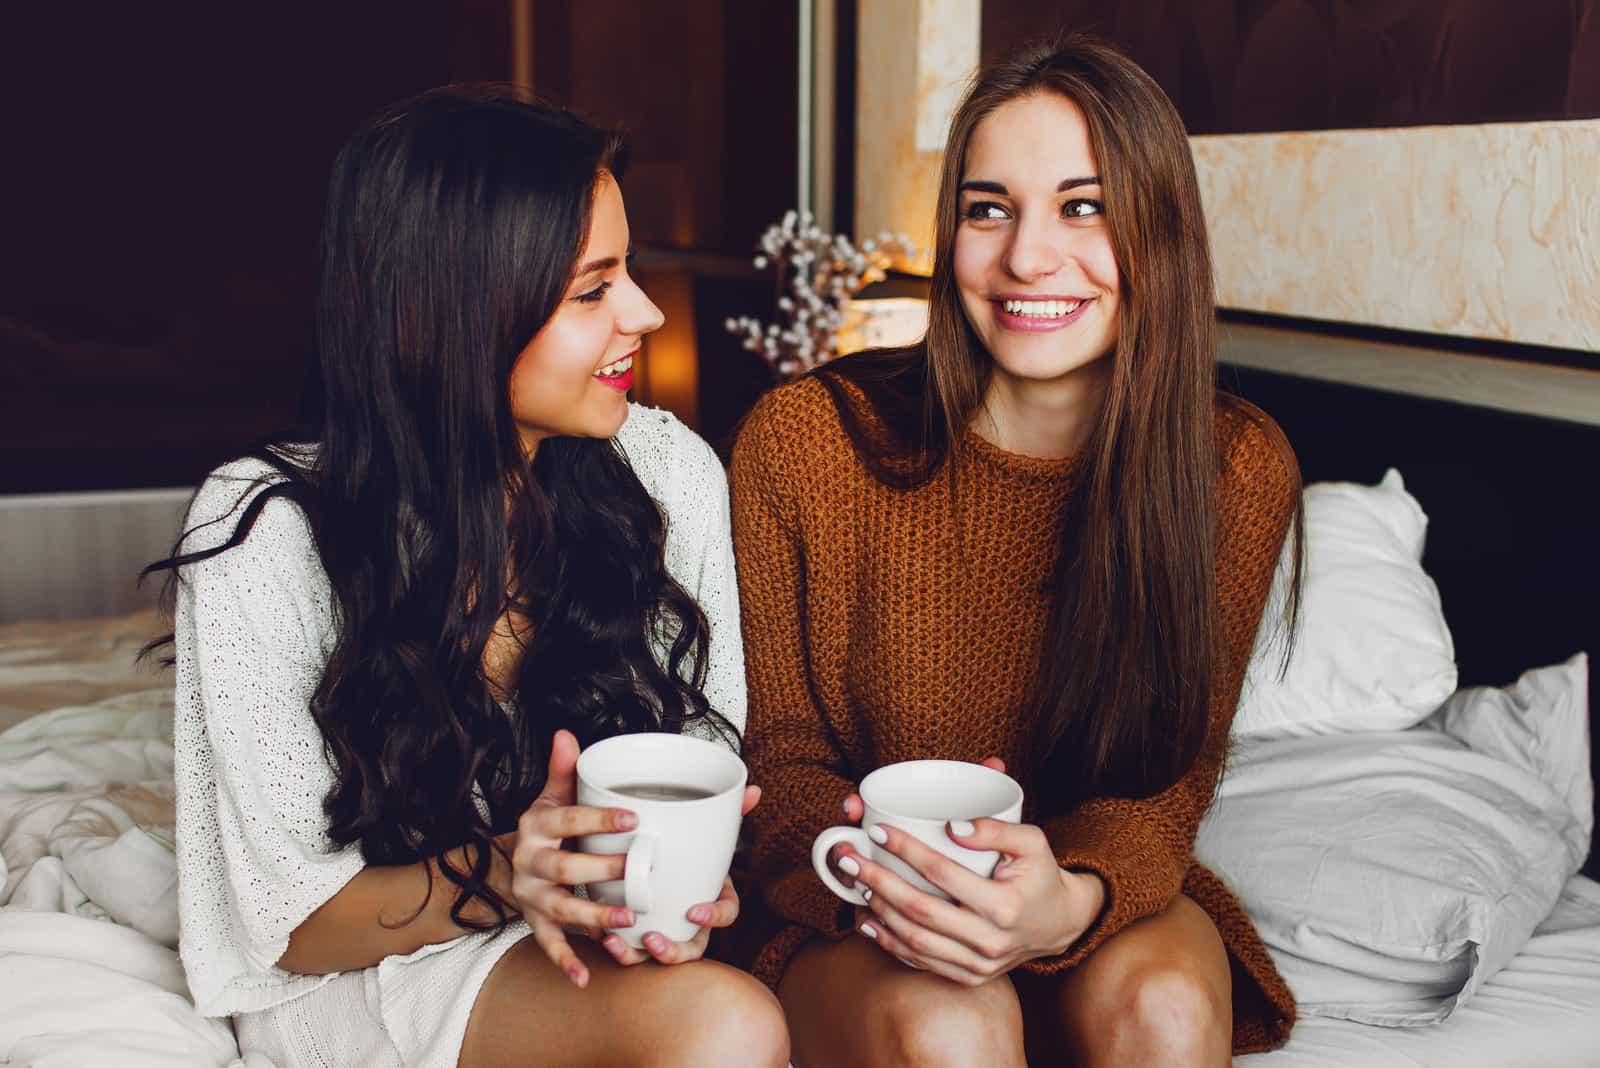 deux amis s'assoient sur le lit et boivent du thé